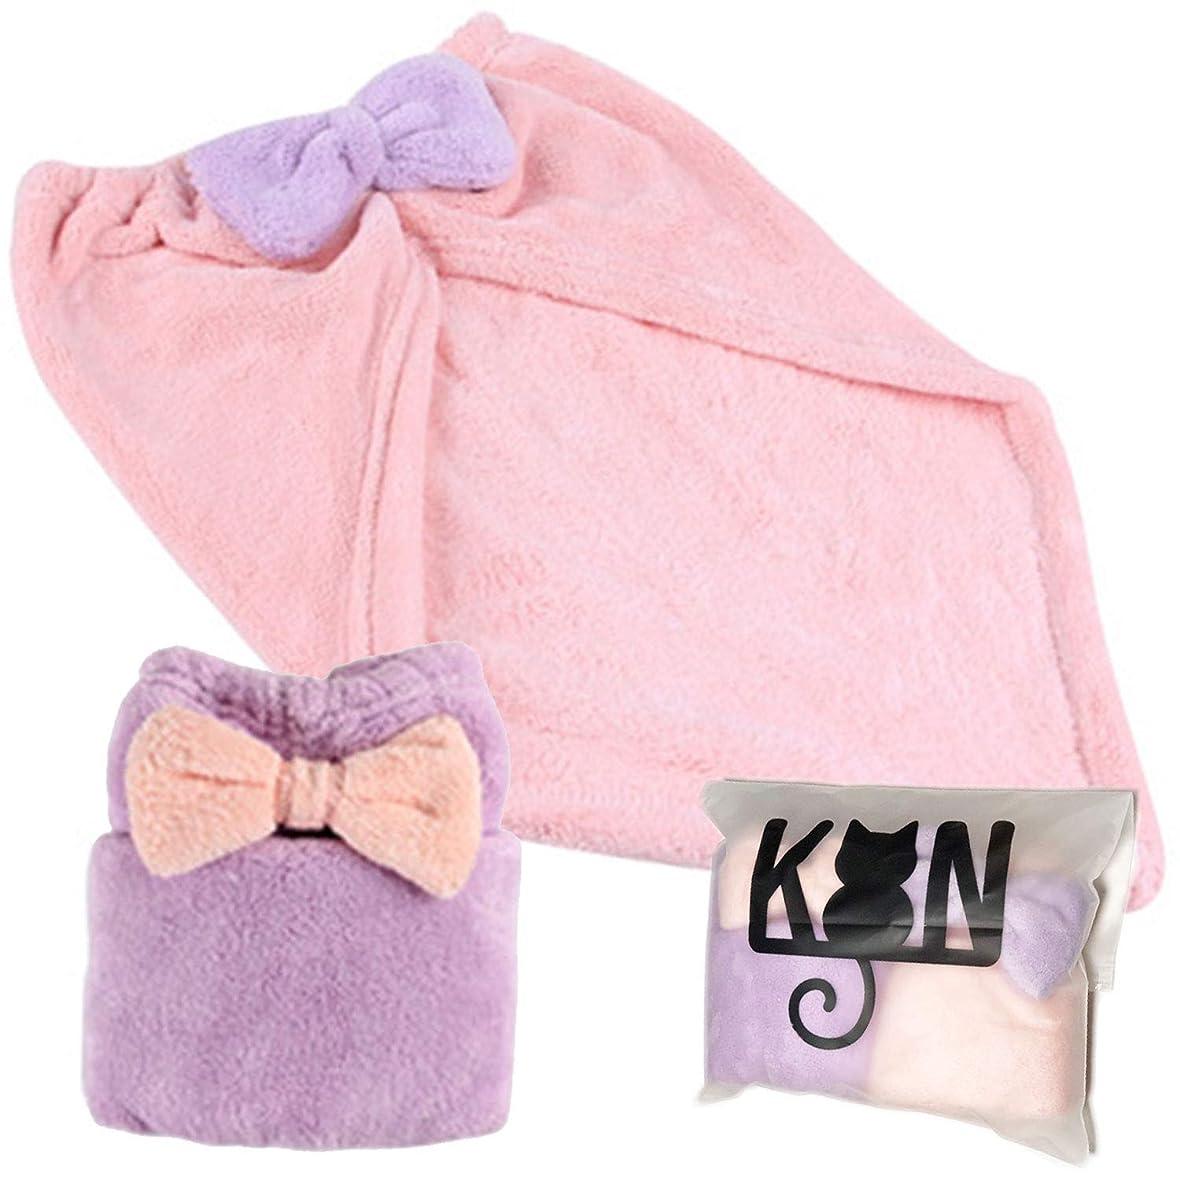 バラ色規模執着KON(コン) ヘアドライタオル 2枚セット リボン 吸水 髪の毛 タオルキャップ タオル 髪 乾かす ヘアキャップ ドライキャップ ヘアターバン タオルぼうし 強い吸水性 お風呂上がり バス用品 プール パープル+ピンク